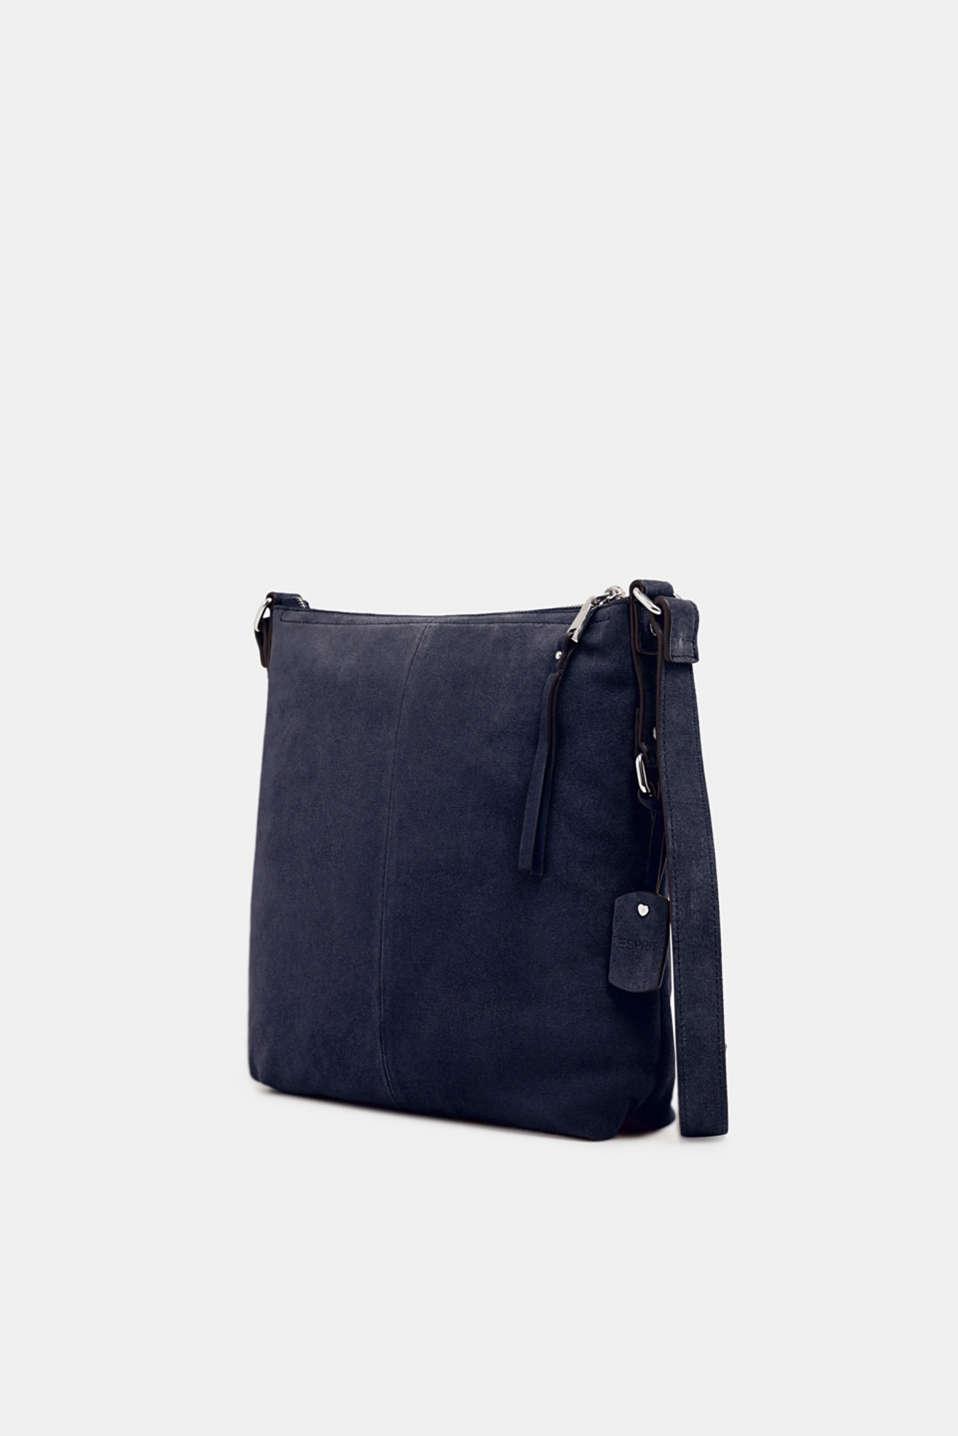 Leather shoulder bag, NAVY, detail image number 2